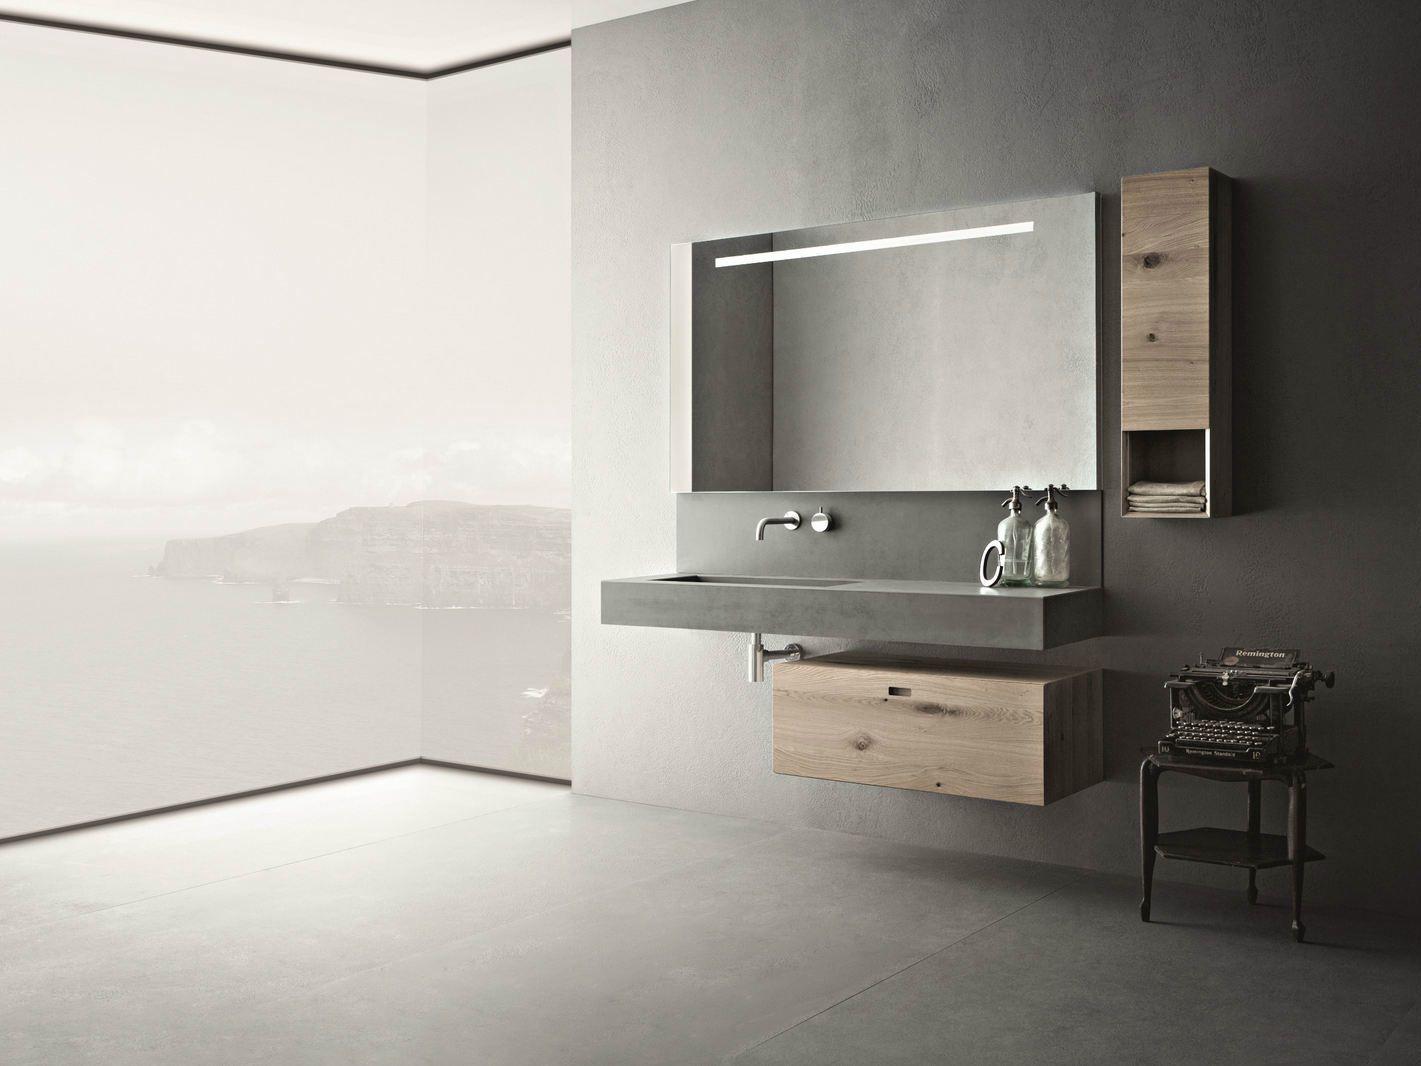 Arredo bagno completo in cemento CRAFT - COMPOSIZIONE N02 by NOVELLO design Stefano Cavazzana